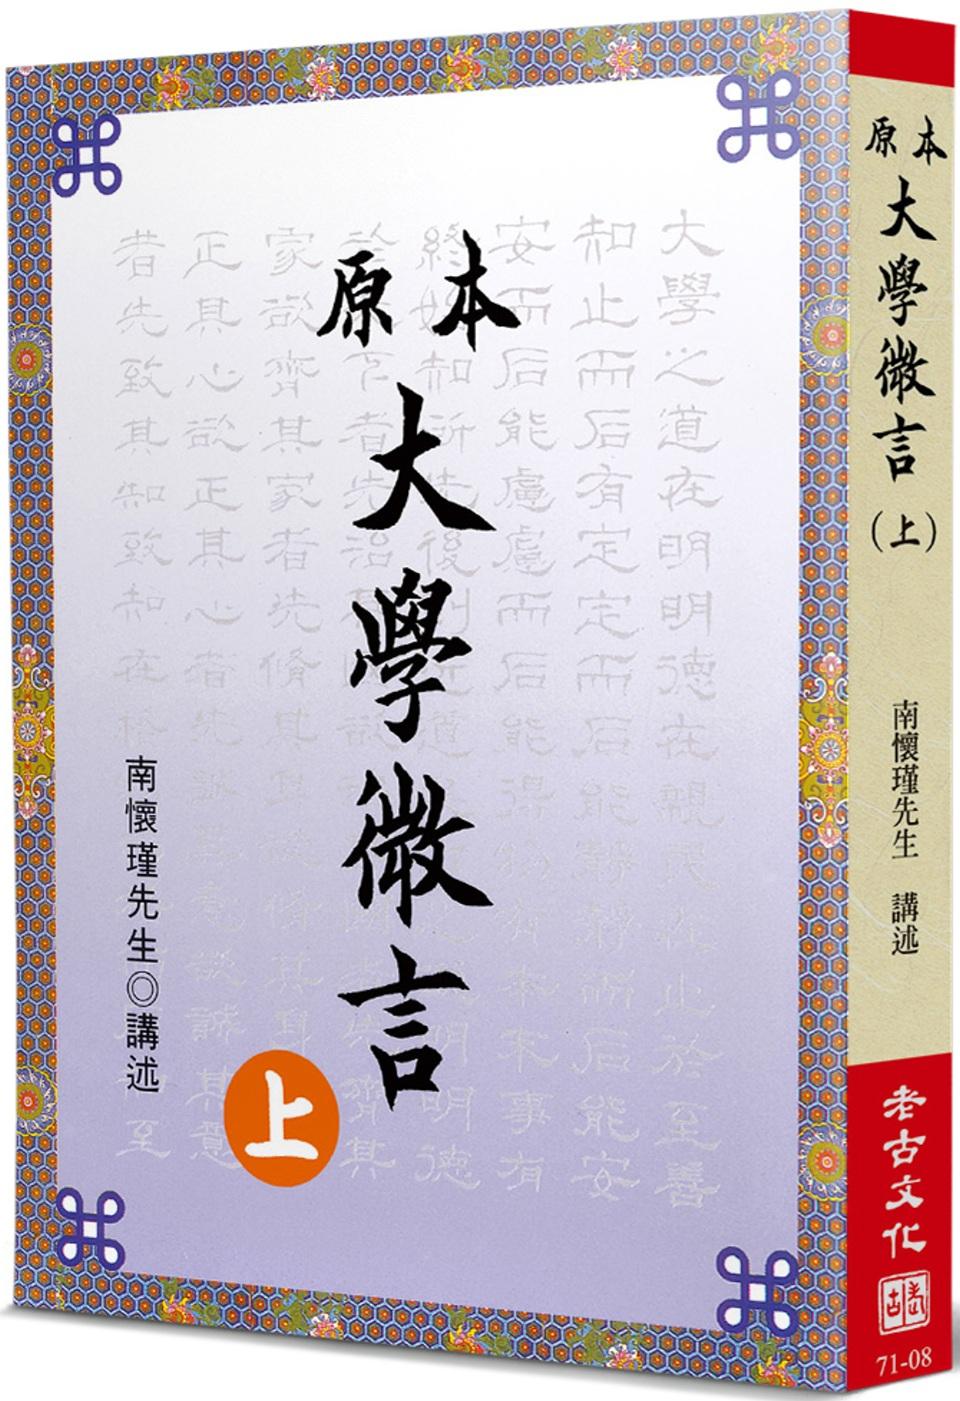 原本大學微言(上)